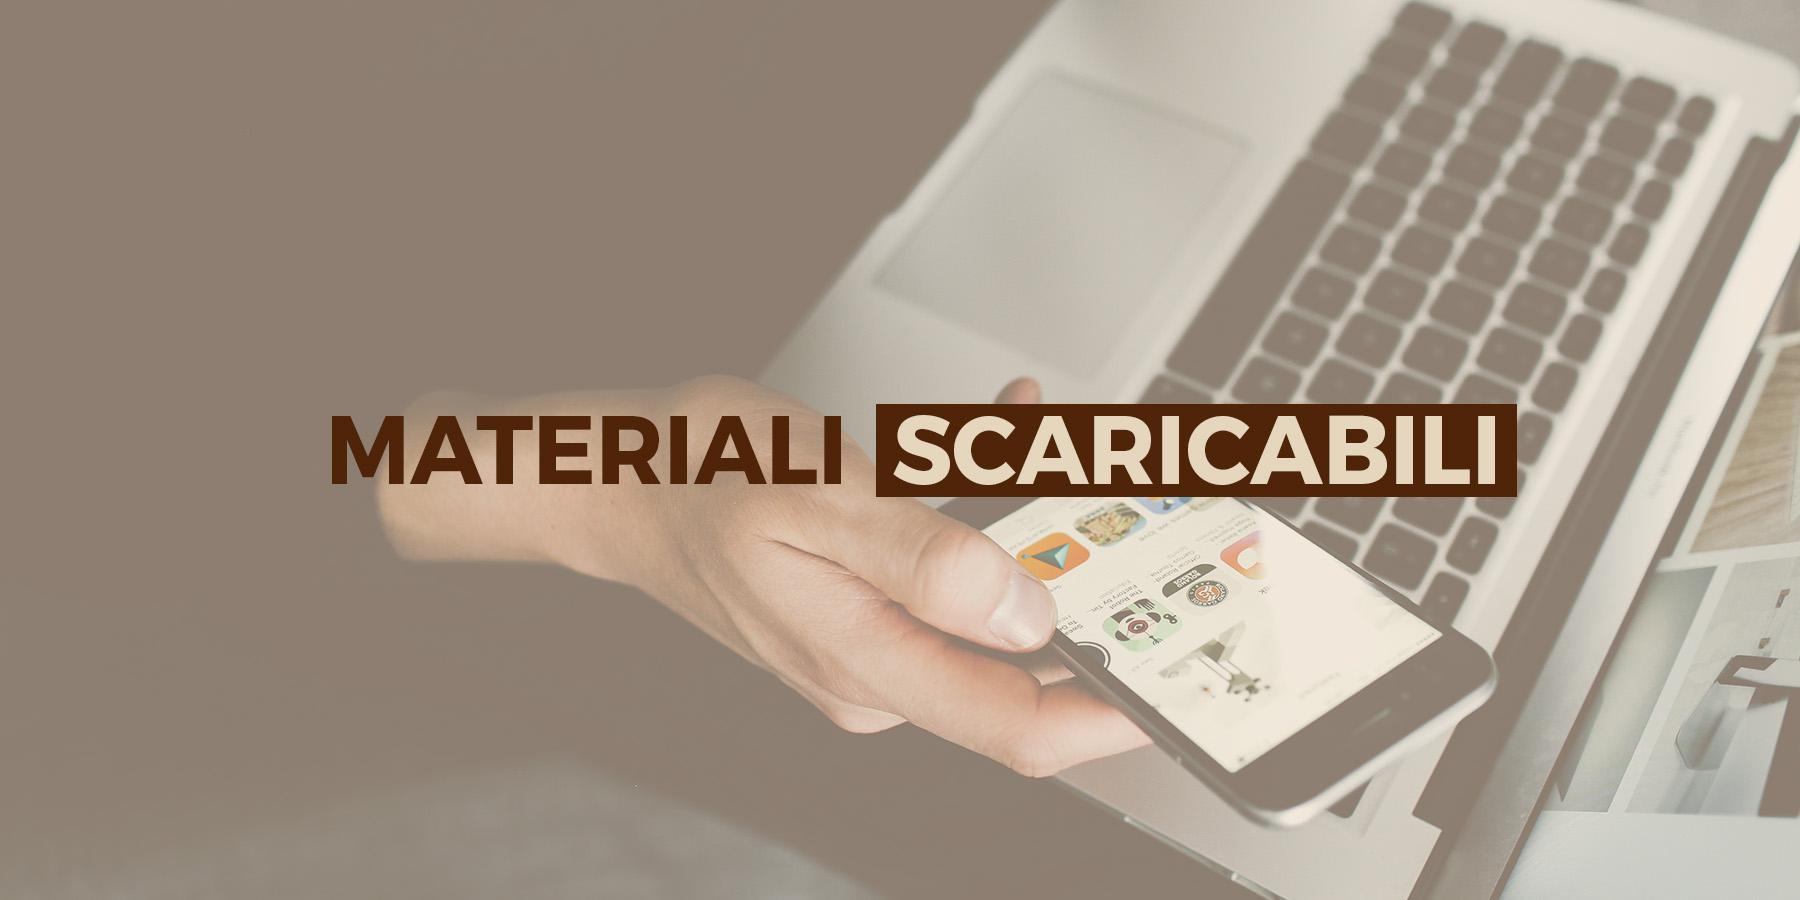 StartUno-Servizi-turistici-materiali-scaricabili